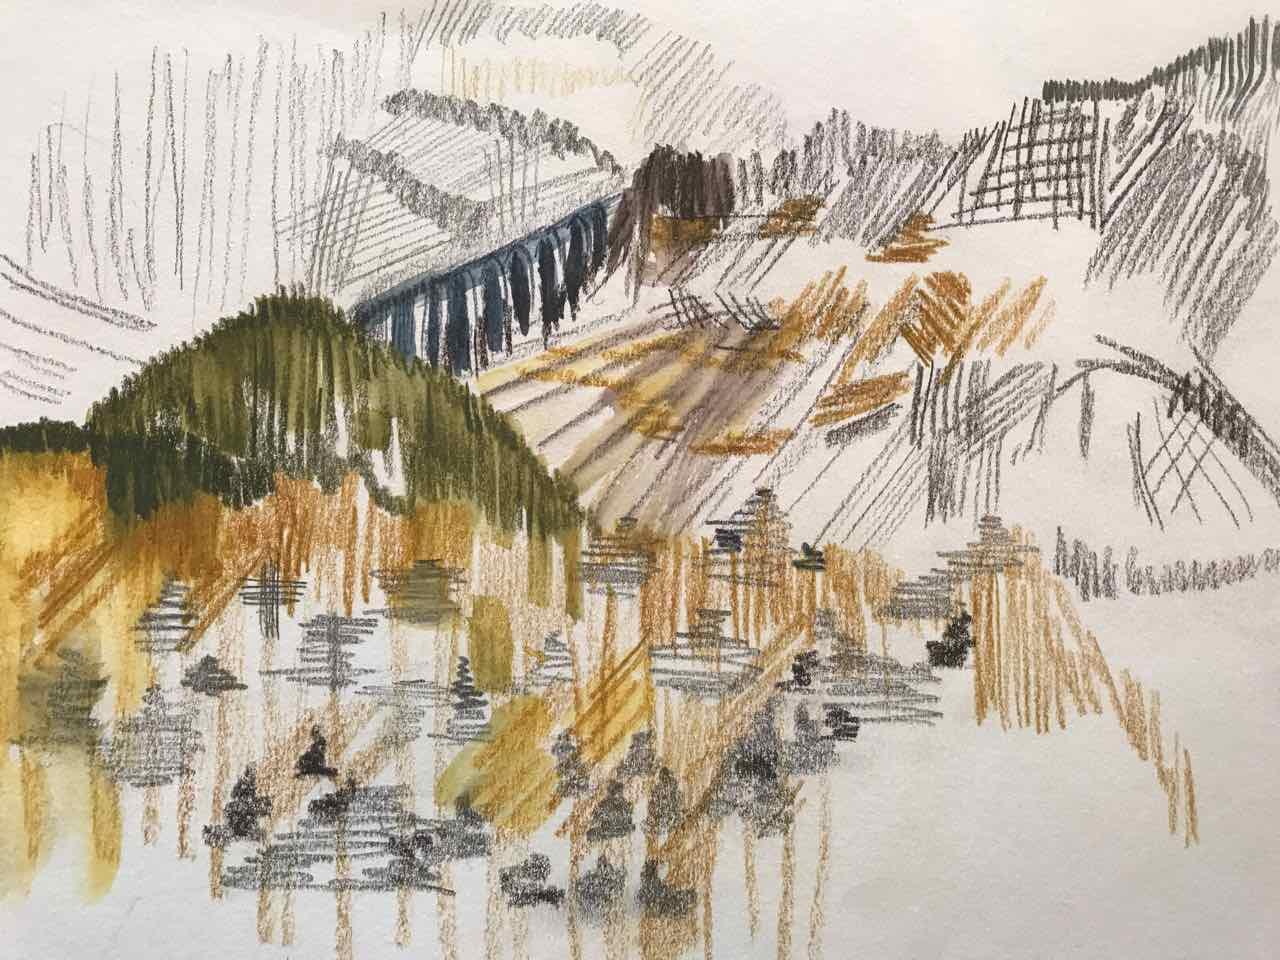 Exploring Sketchbooks in Abruzzo